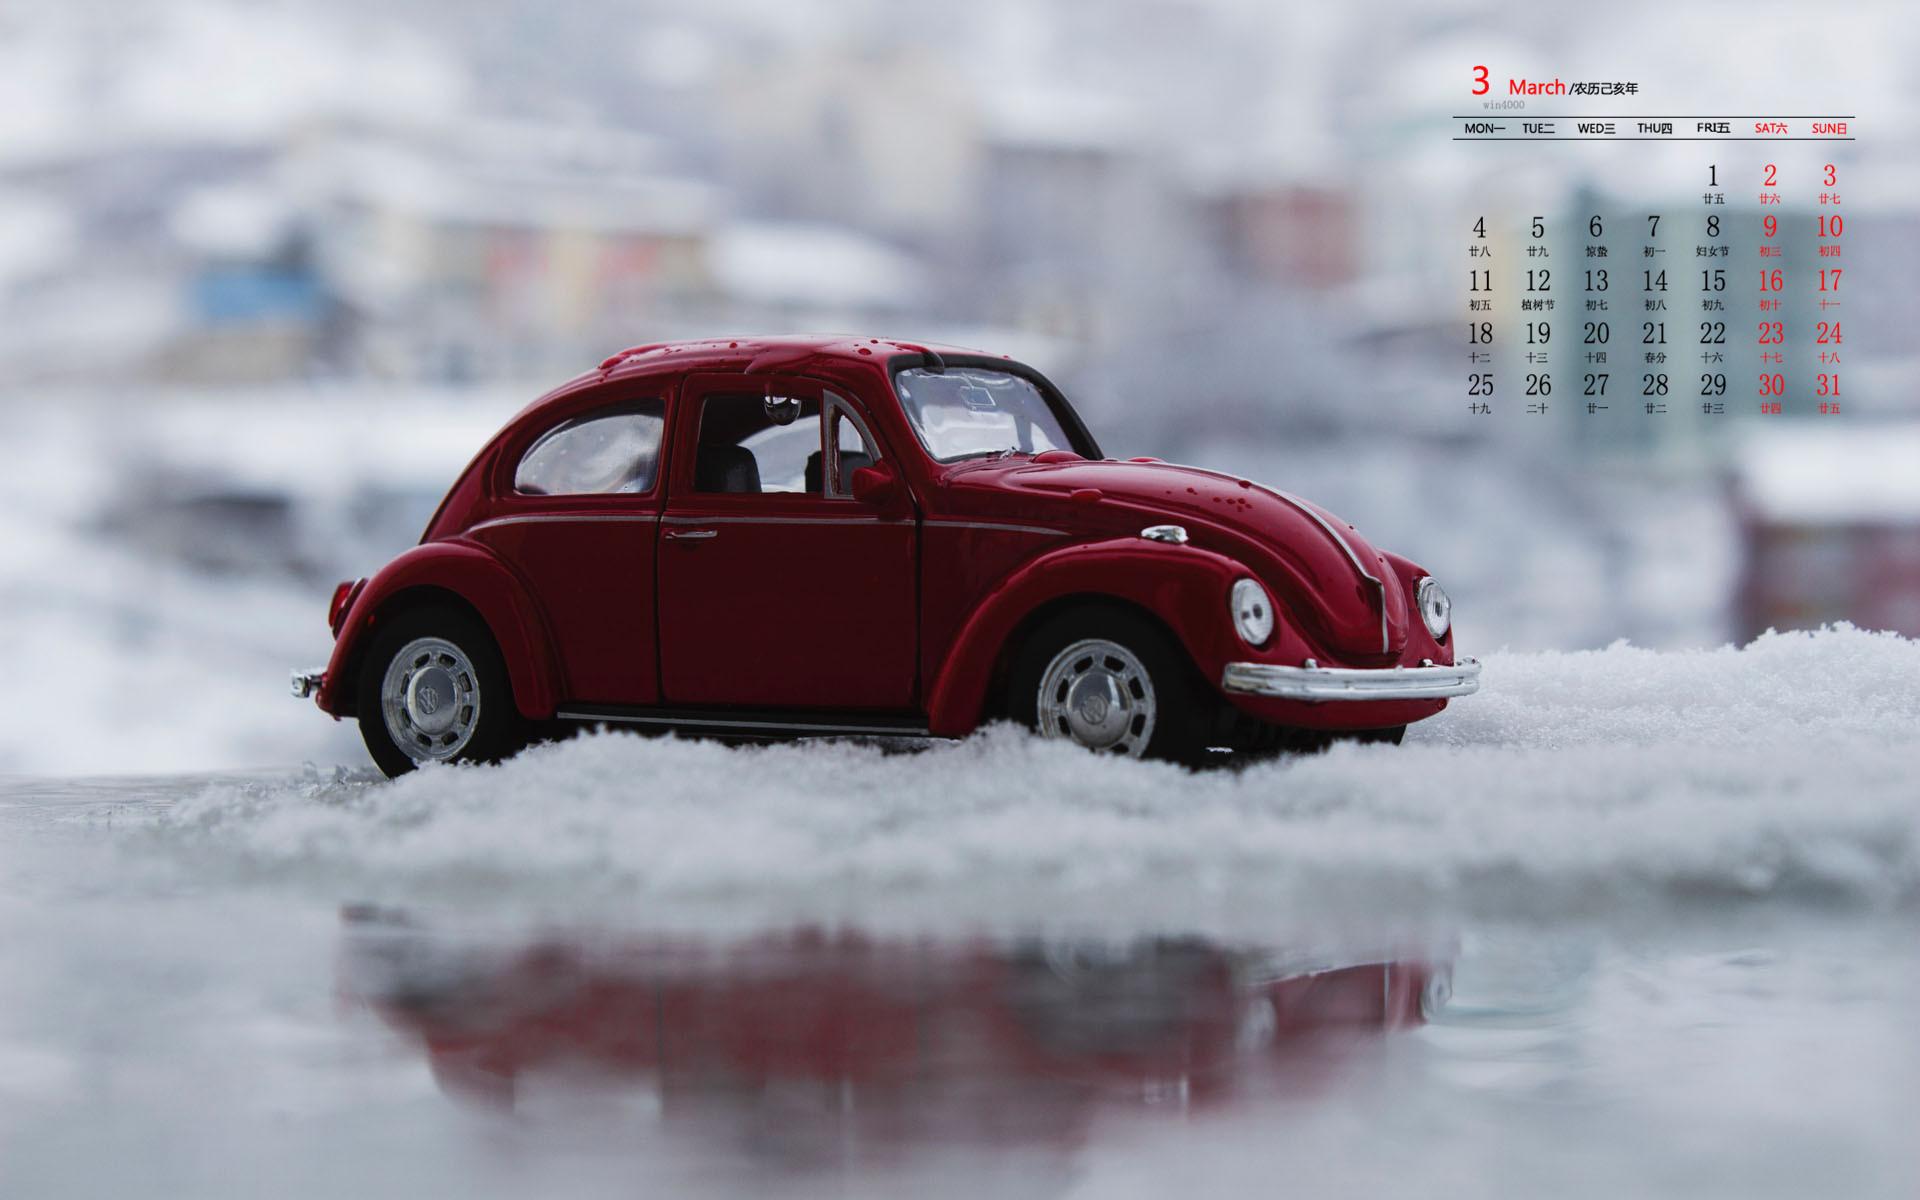 红艳的小汽车玩具静物图片日历壁纸